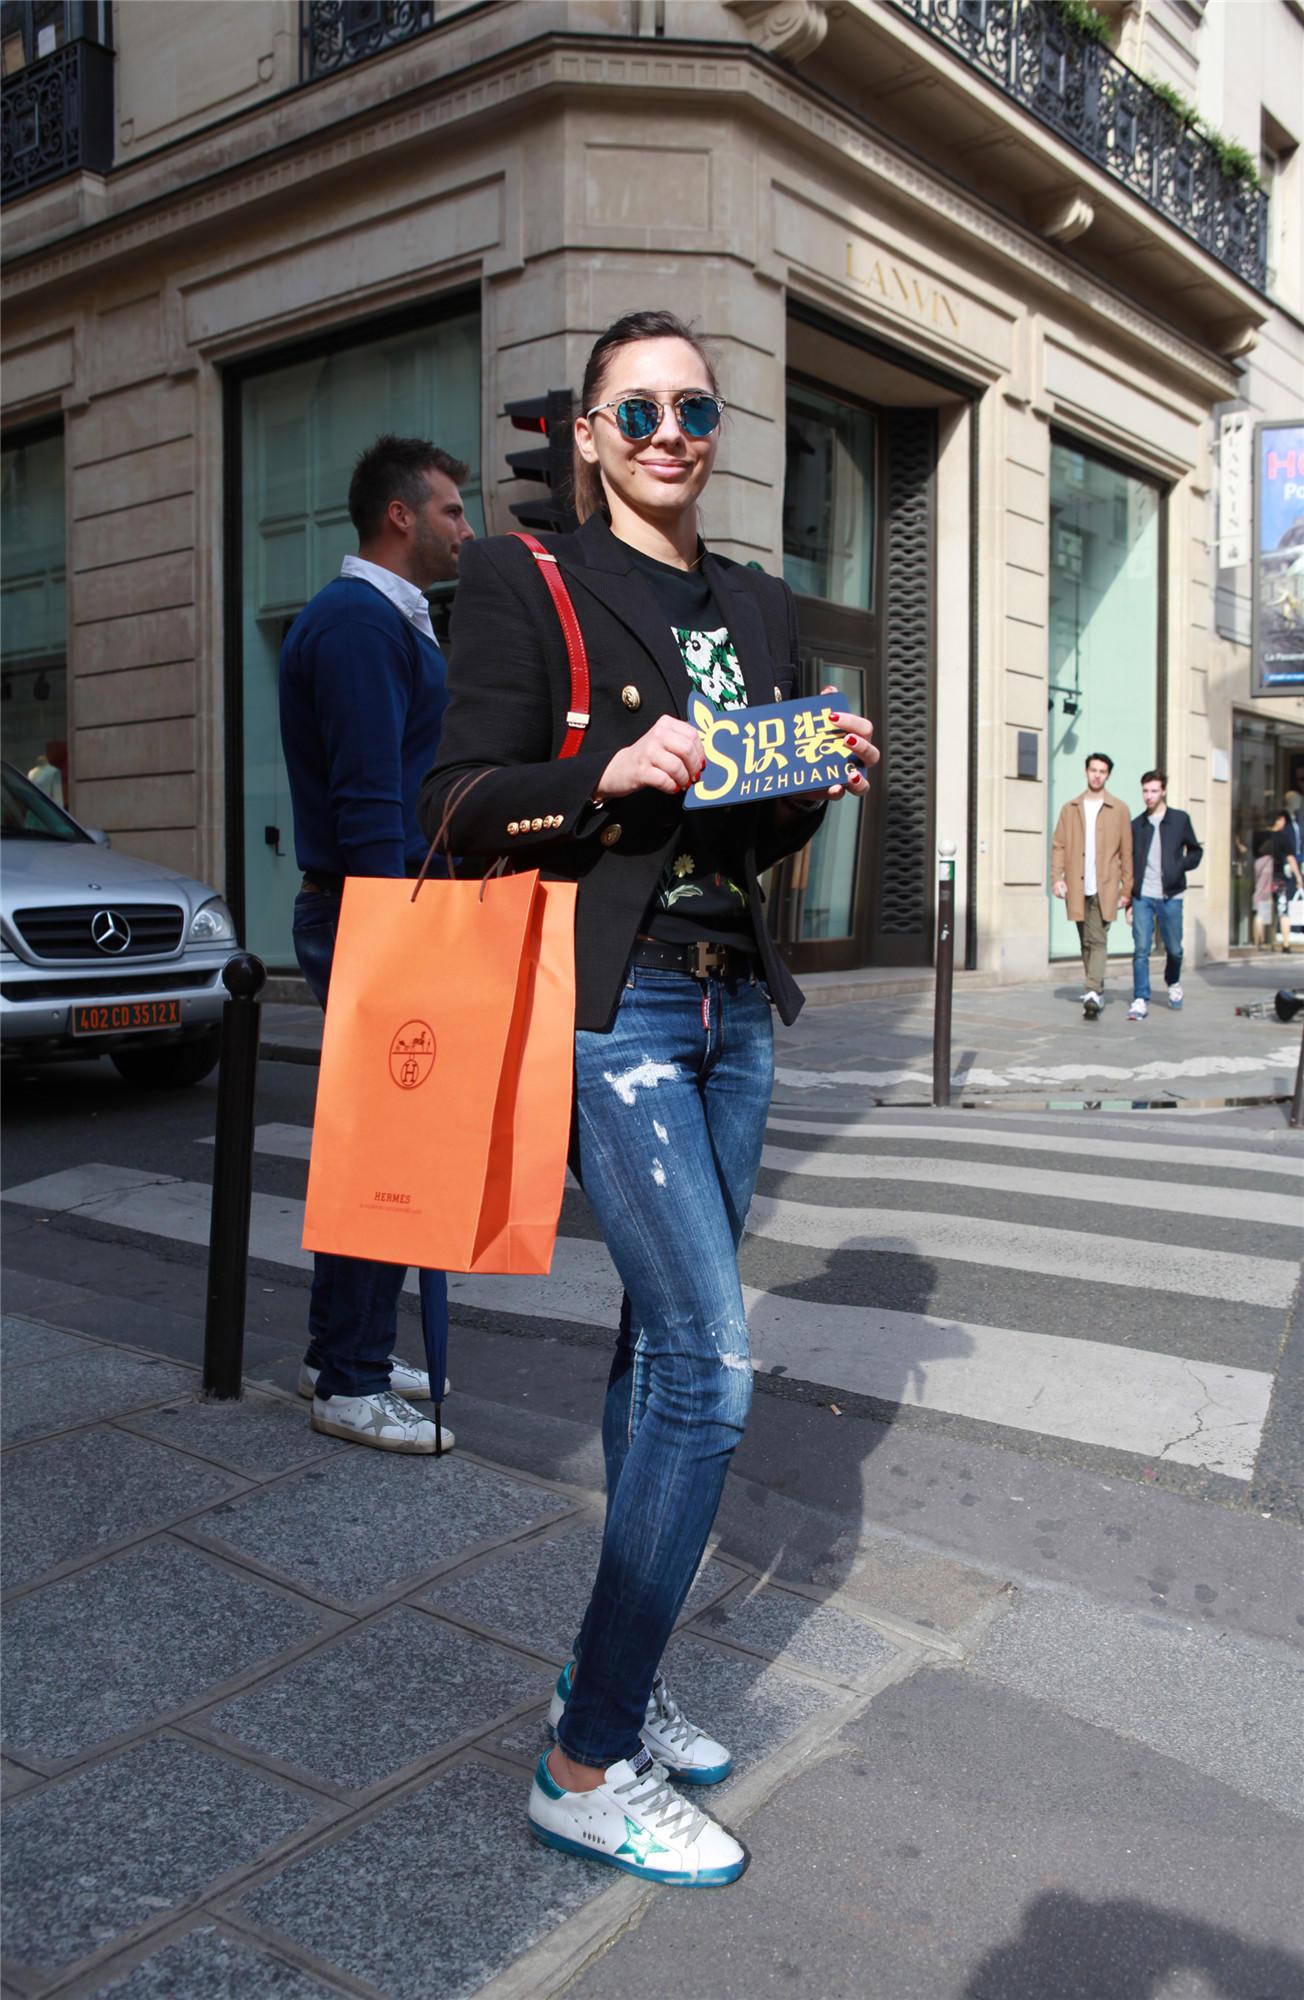 壕气巴黎女生用爱马仕和迪奥配小脏鞋